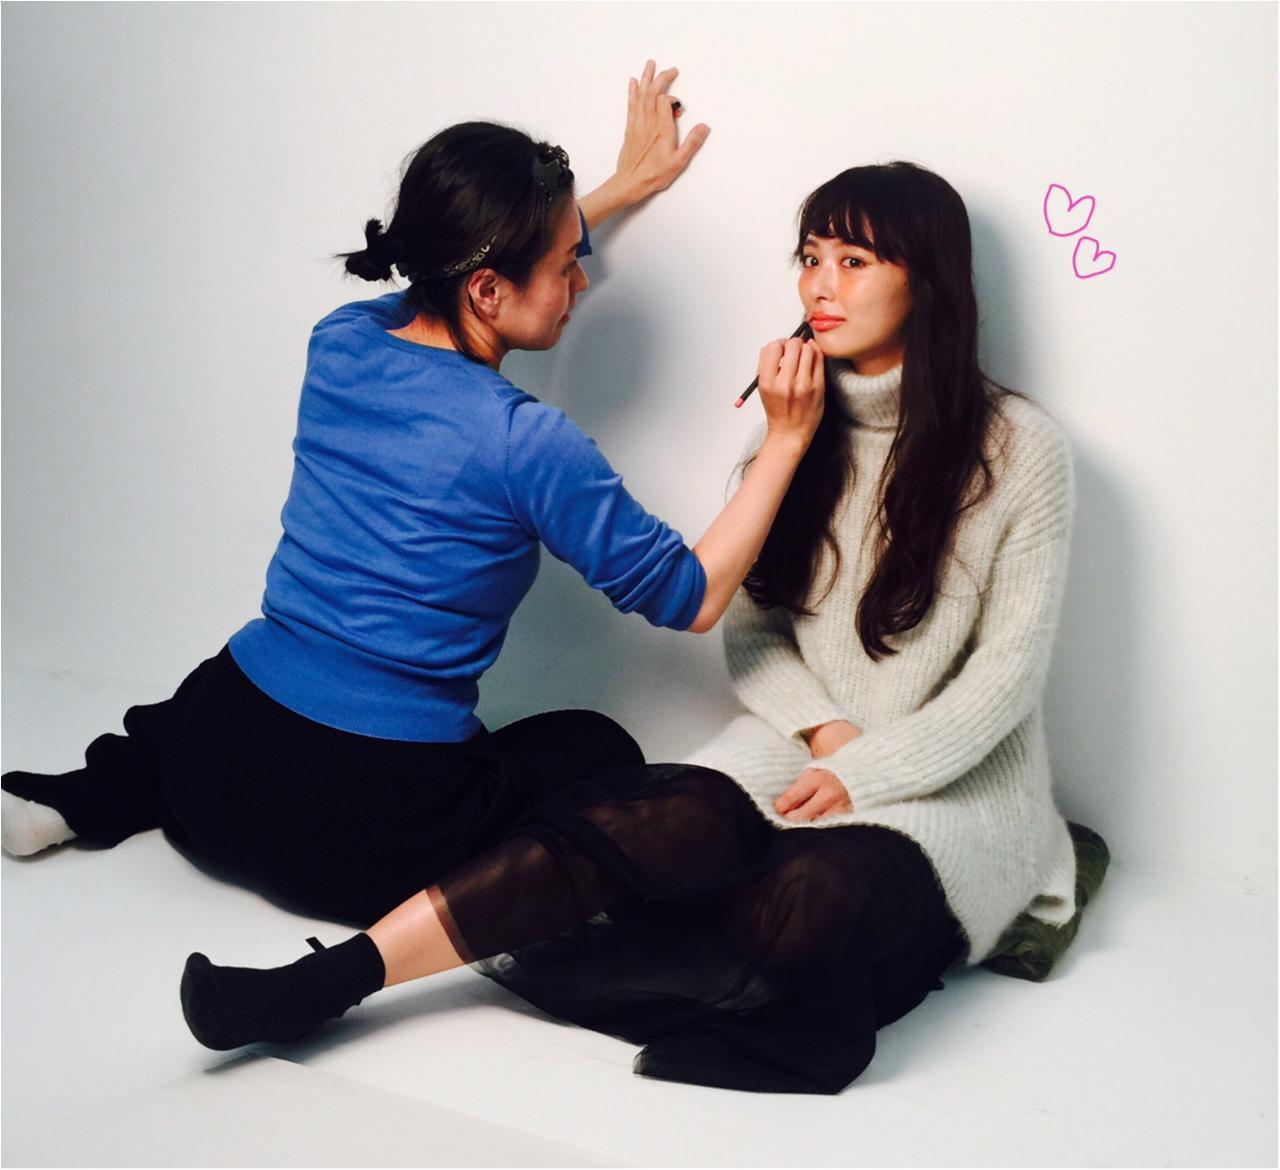 【オフショット】12月号から仲間入り! 専属モデル、だーりおをよろしく♡_1